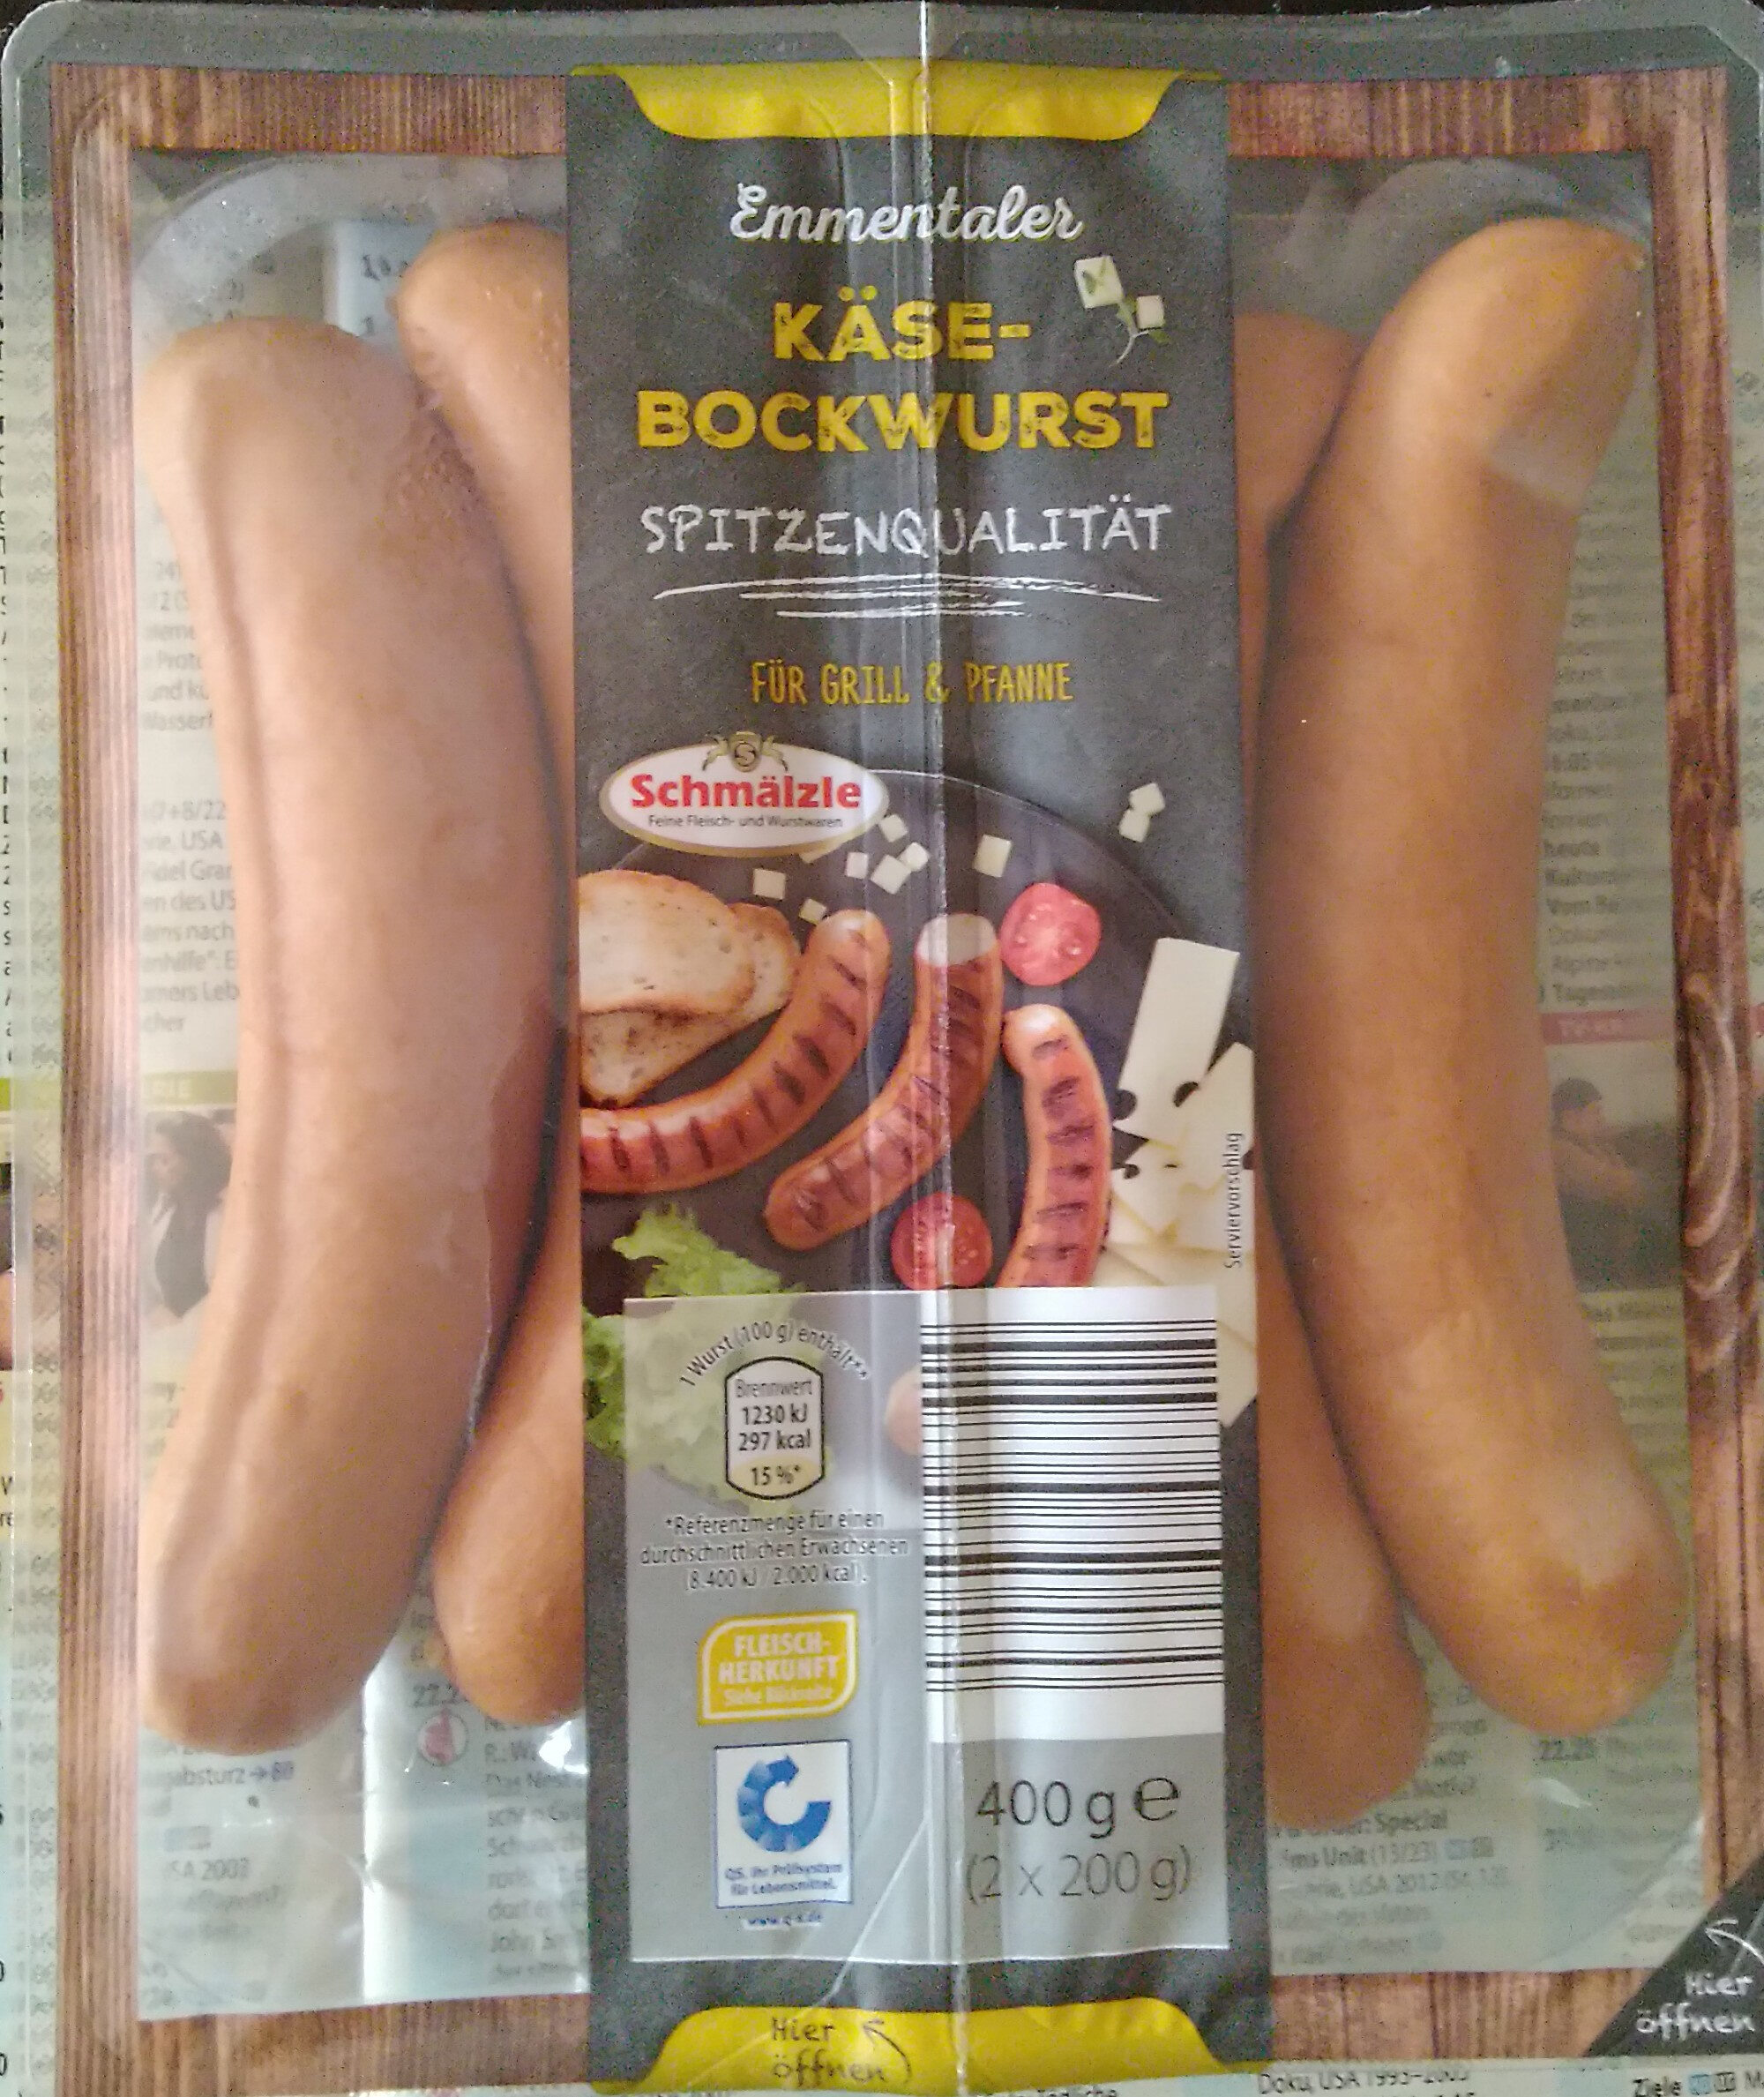 Käse-Bockwurst - Product - de